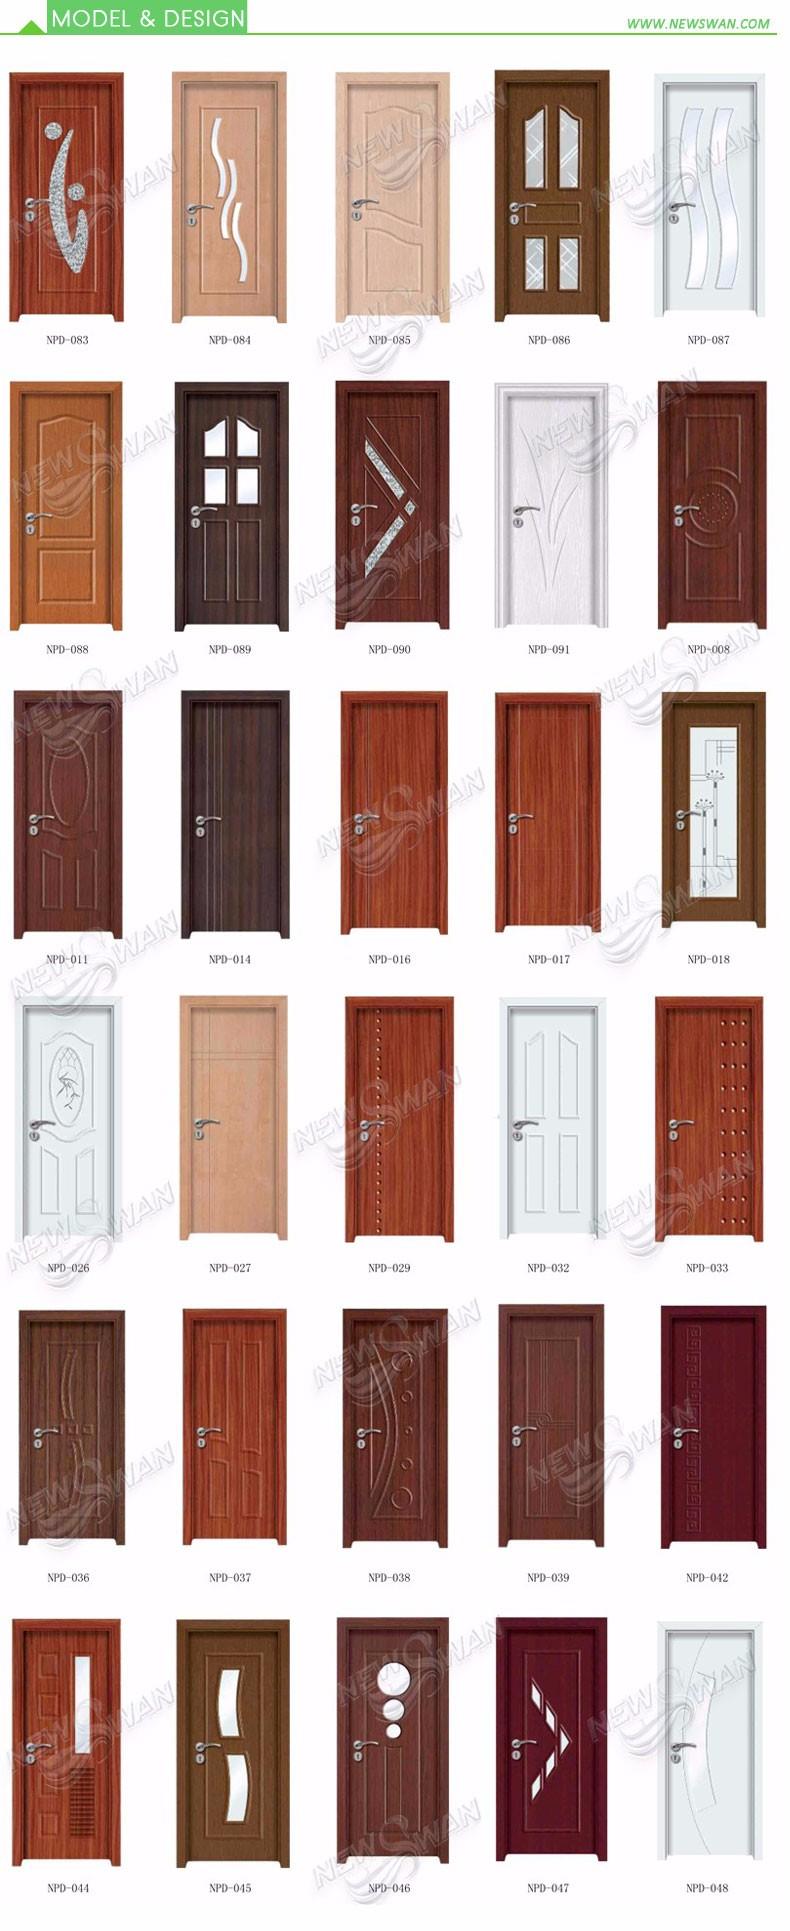 Plastic Panels For Cabinet Doors : Frosted glass bathroom door kitchen cabinet plastic